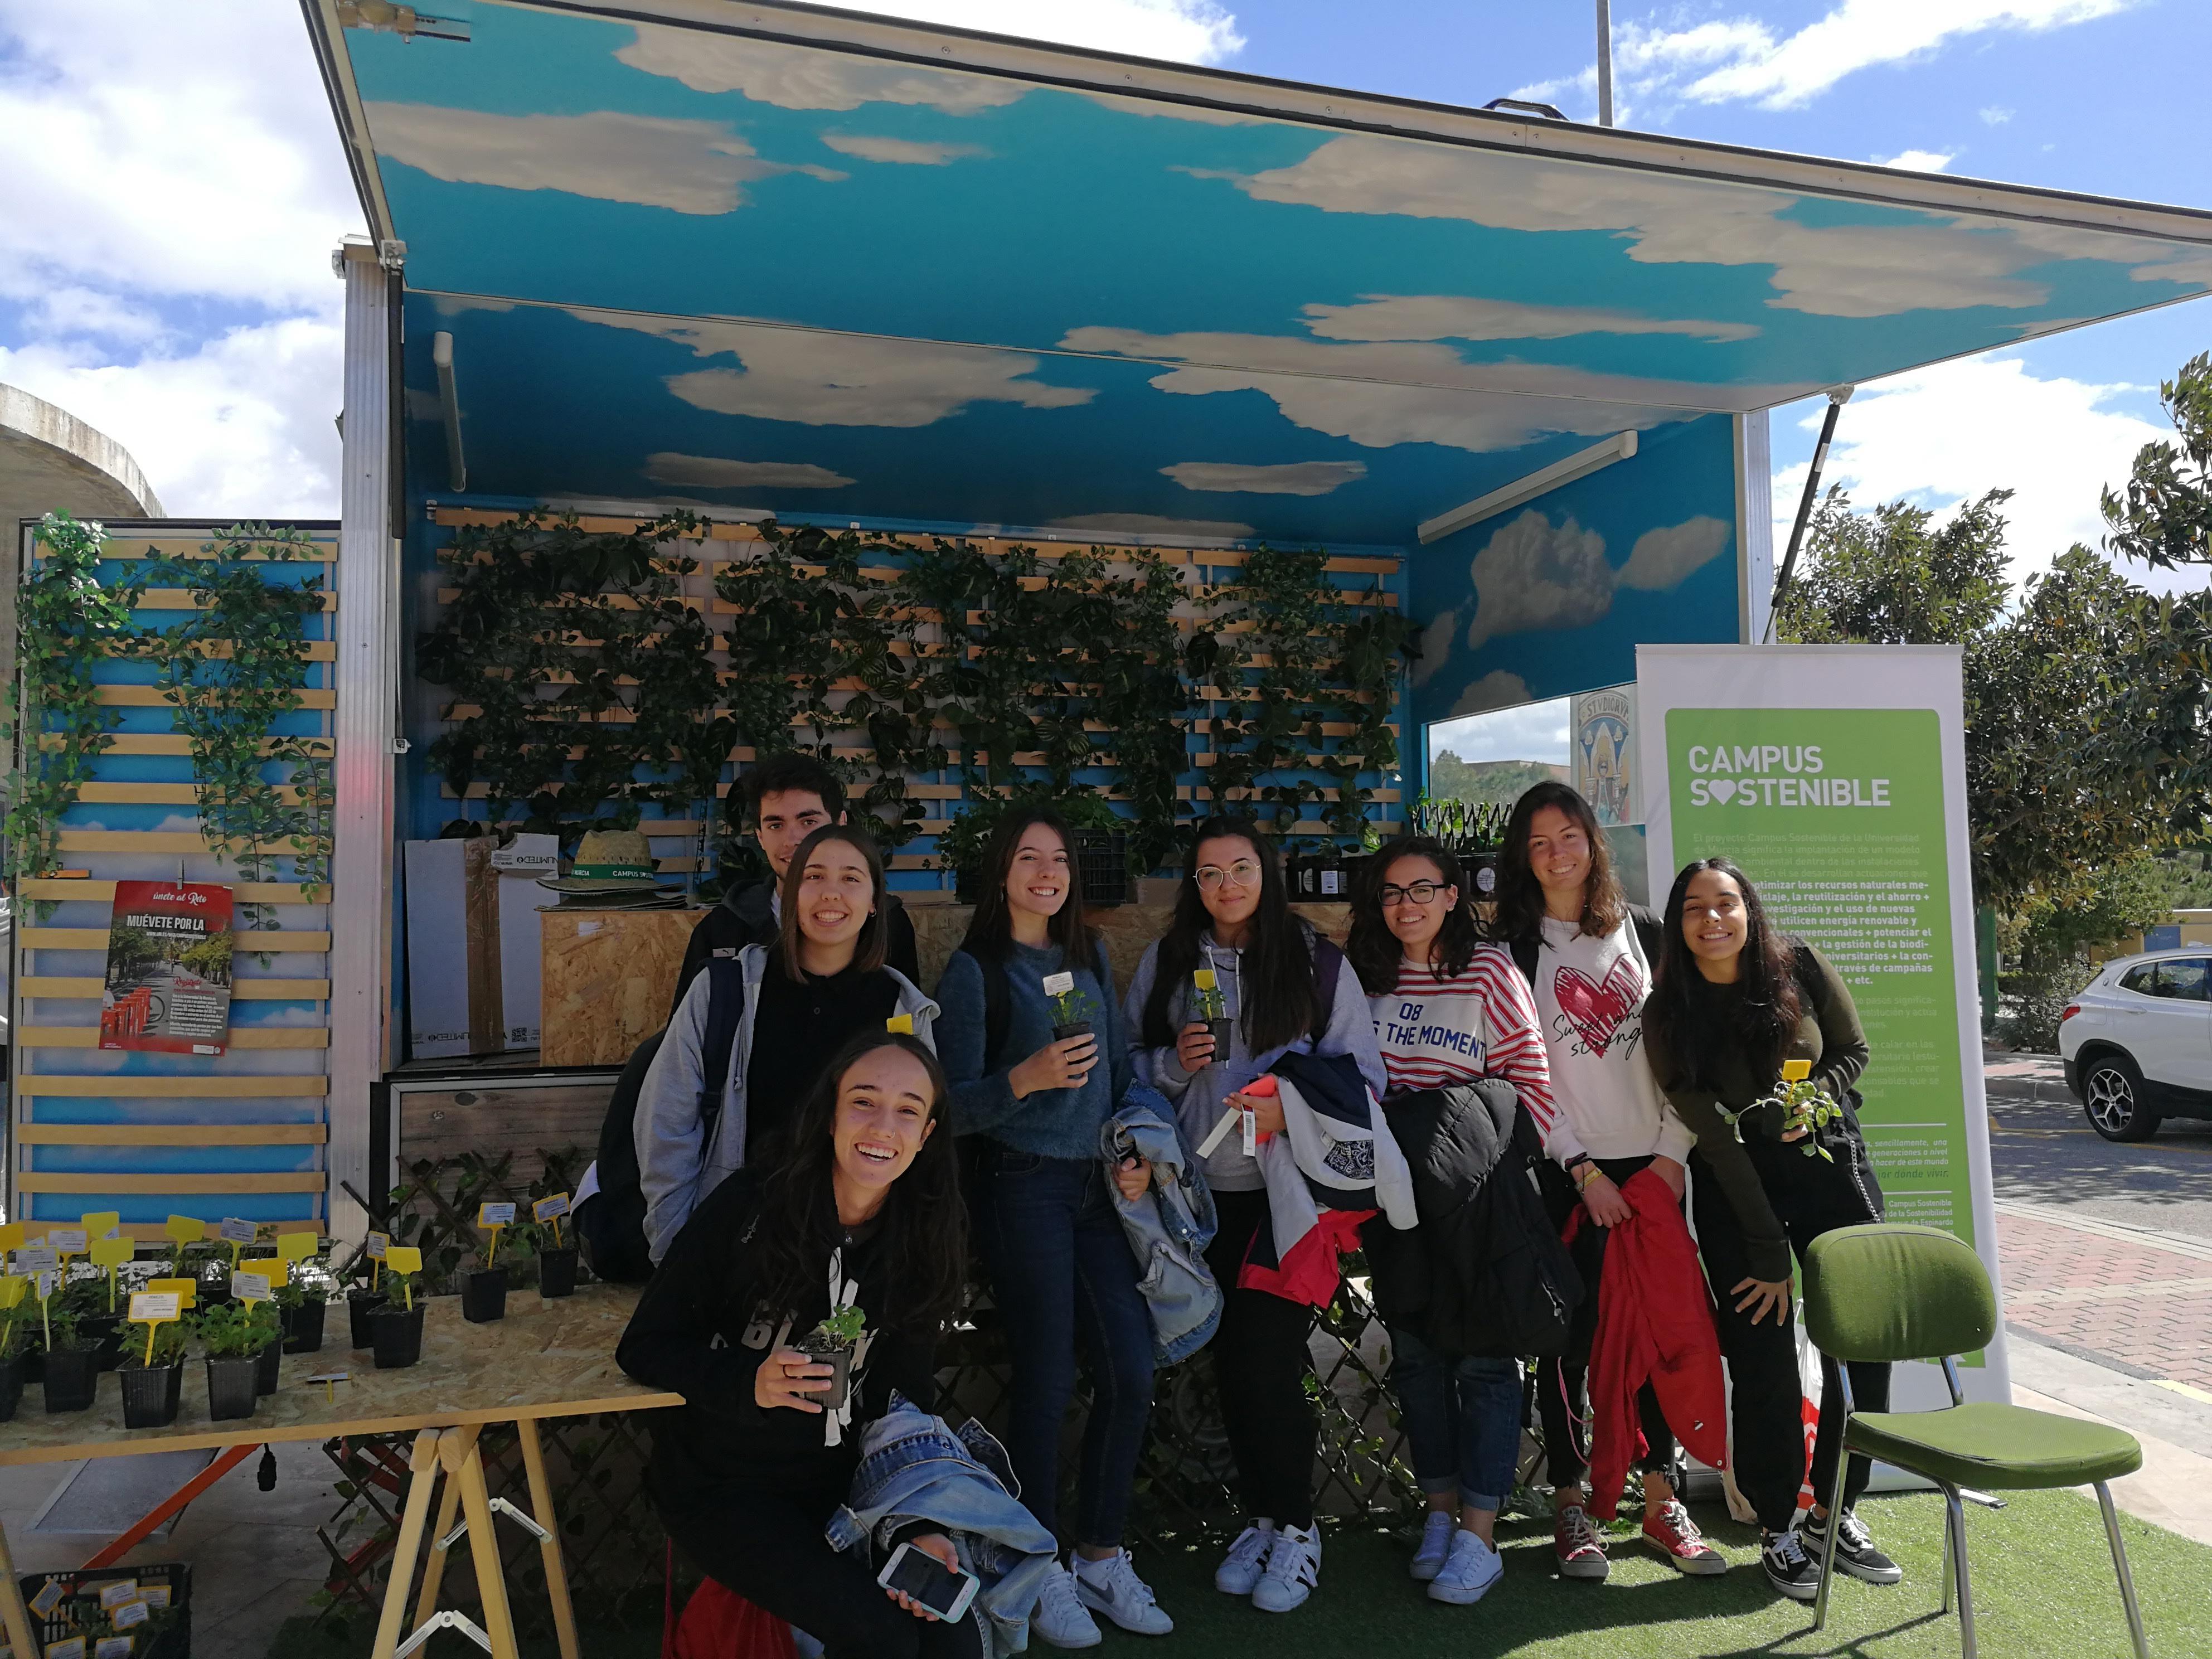 Caravana de Campus Sostenible en el Centro Social Universitario. UMU.